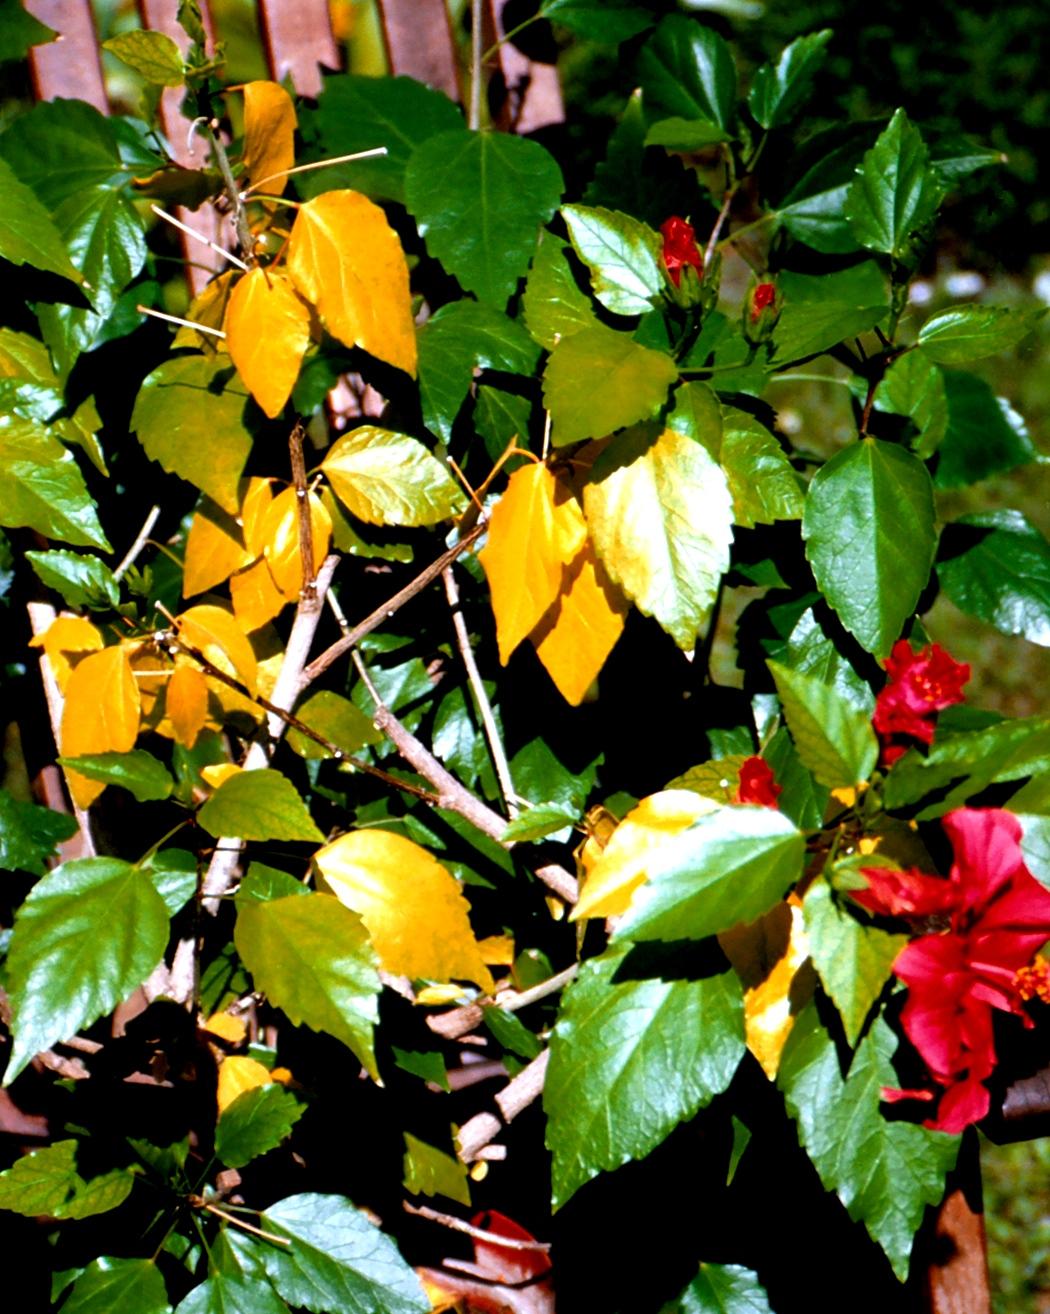 Anthurie Gelbe Blätter : was zimmerpflanzen krank macht industrieverband agrar ~ Lizthompson.info Haus und Dekorationen